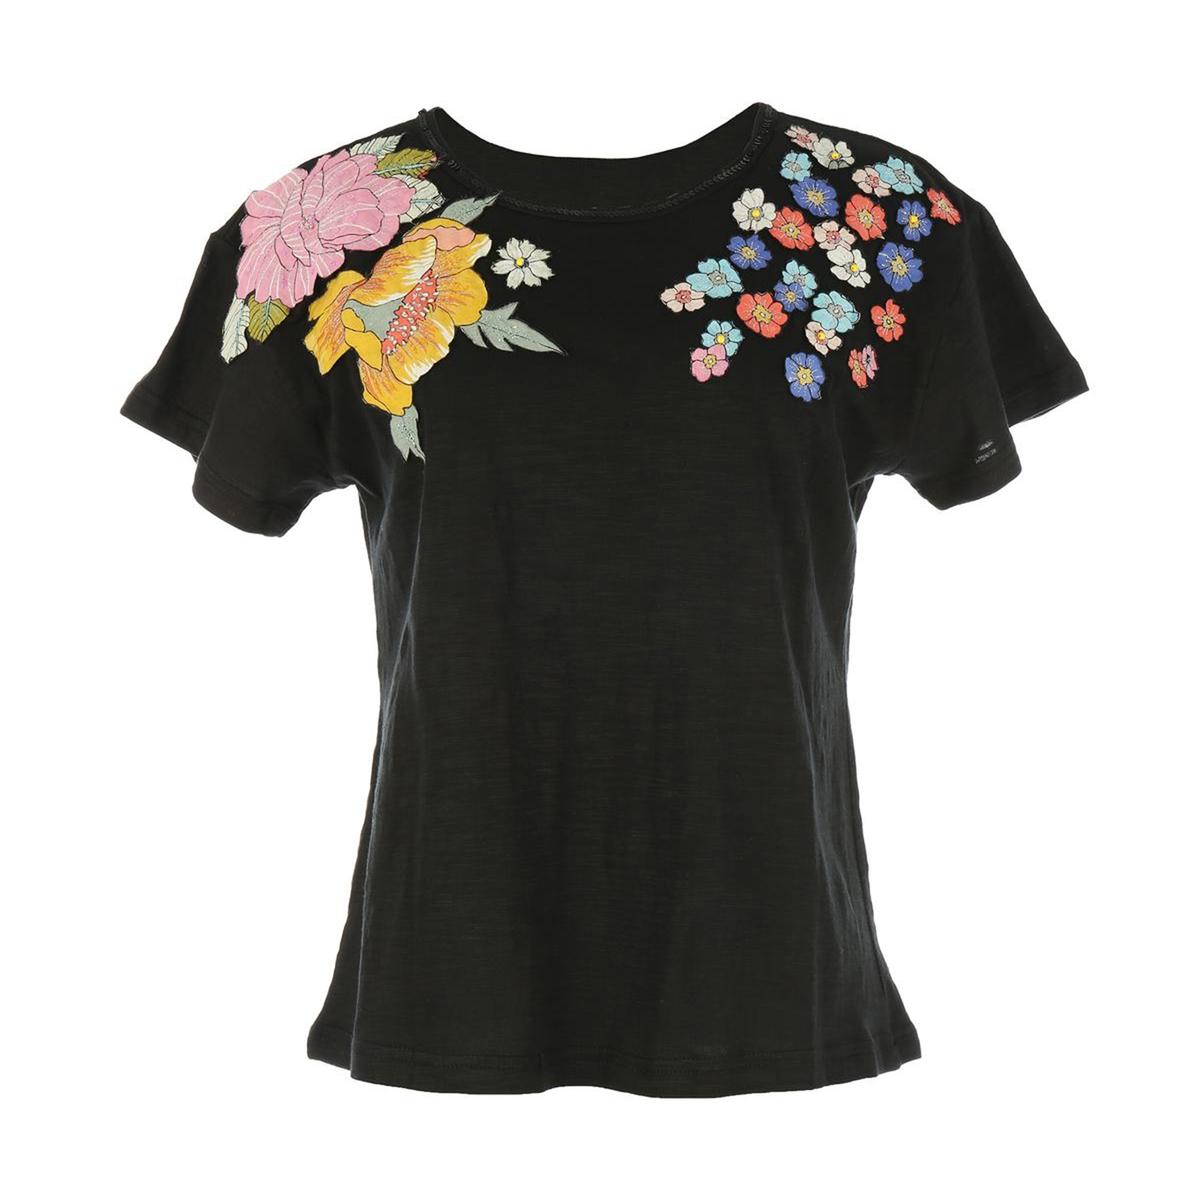 T-shirt de gola redonda, motivo floral, Neuilly